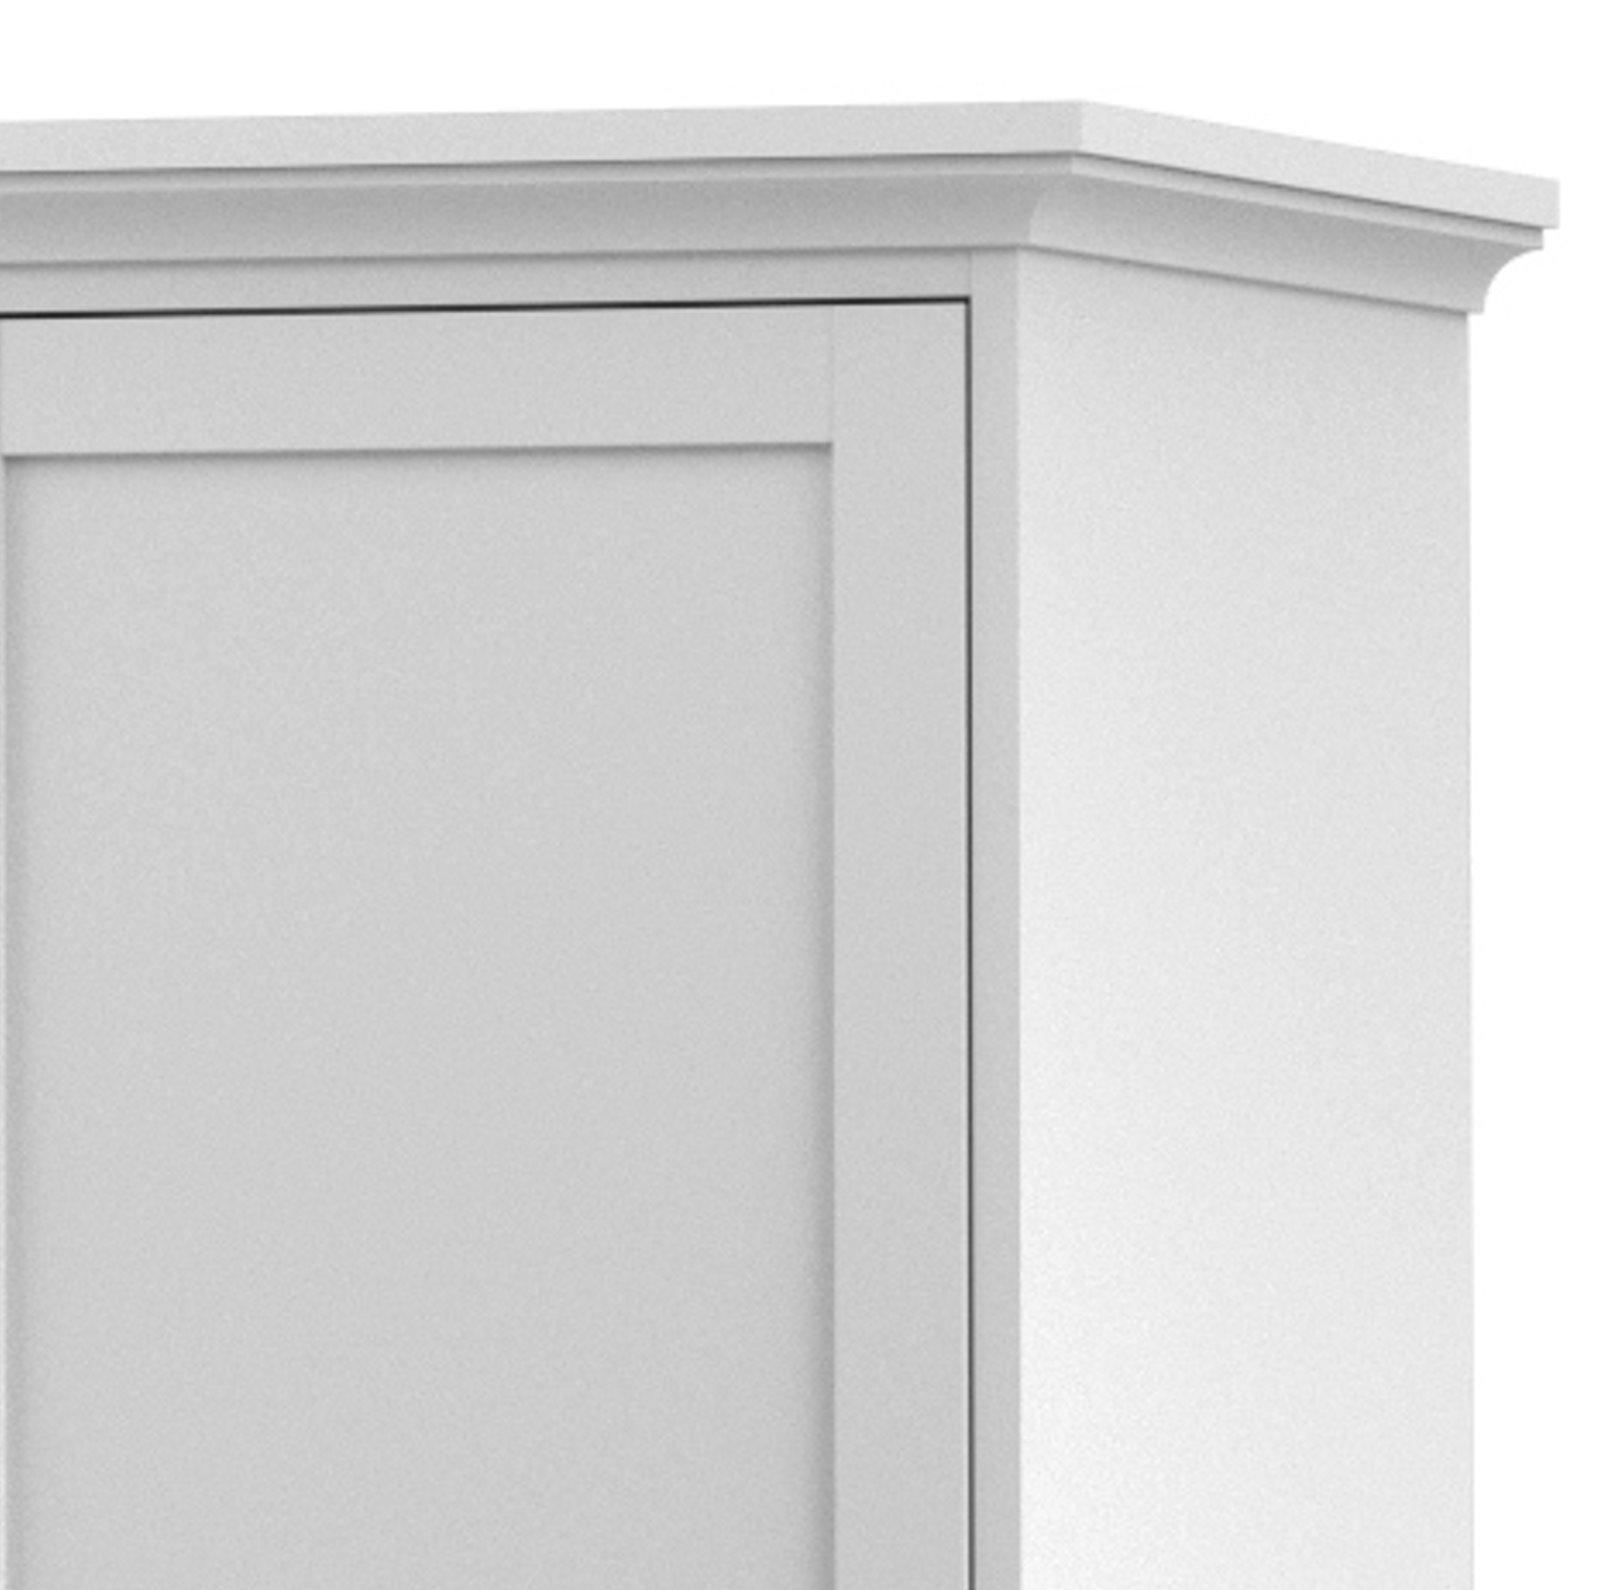 paris kleiderschrank schlafzimmerschrank. Black Bedroom Furniture Sets. Home Design Ideas